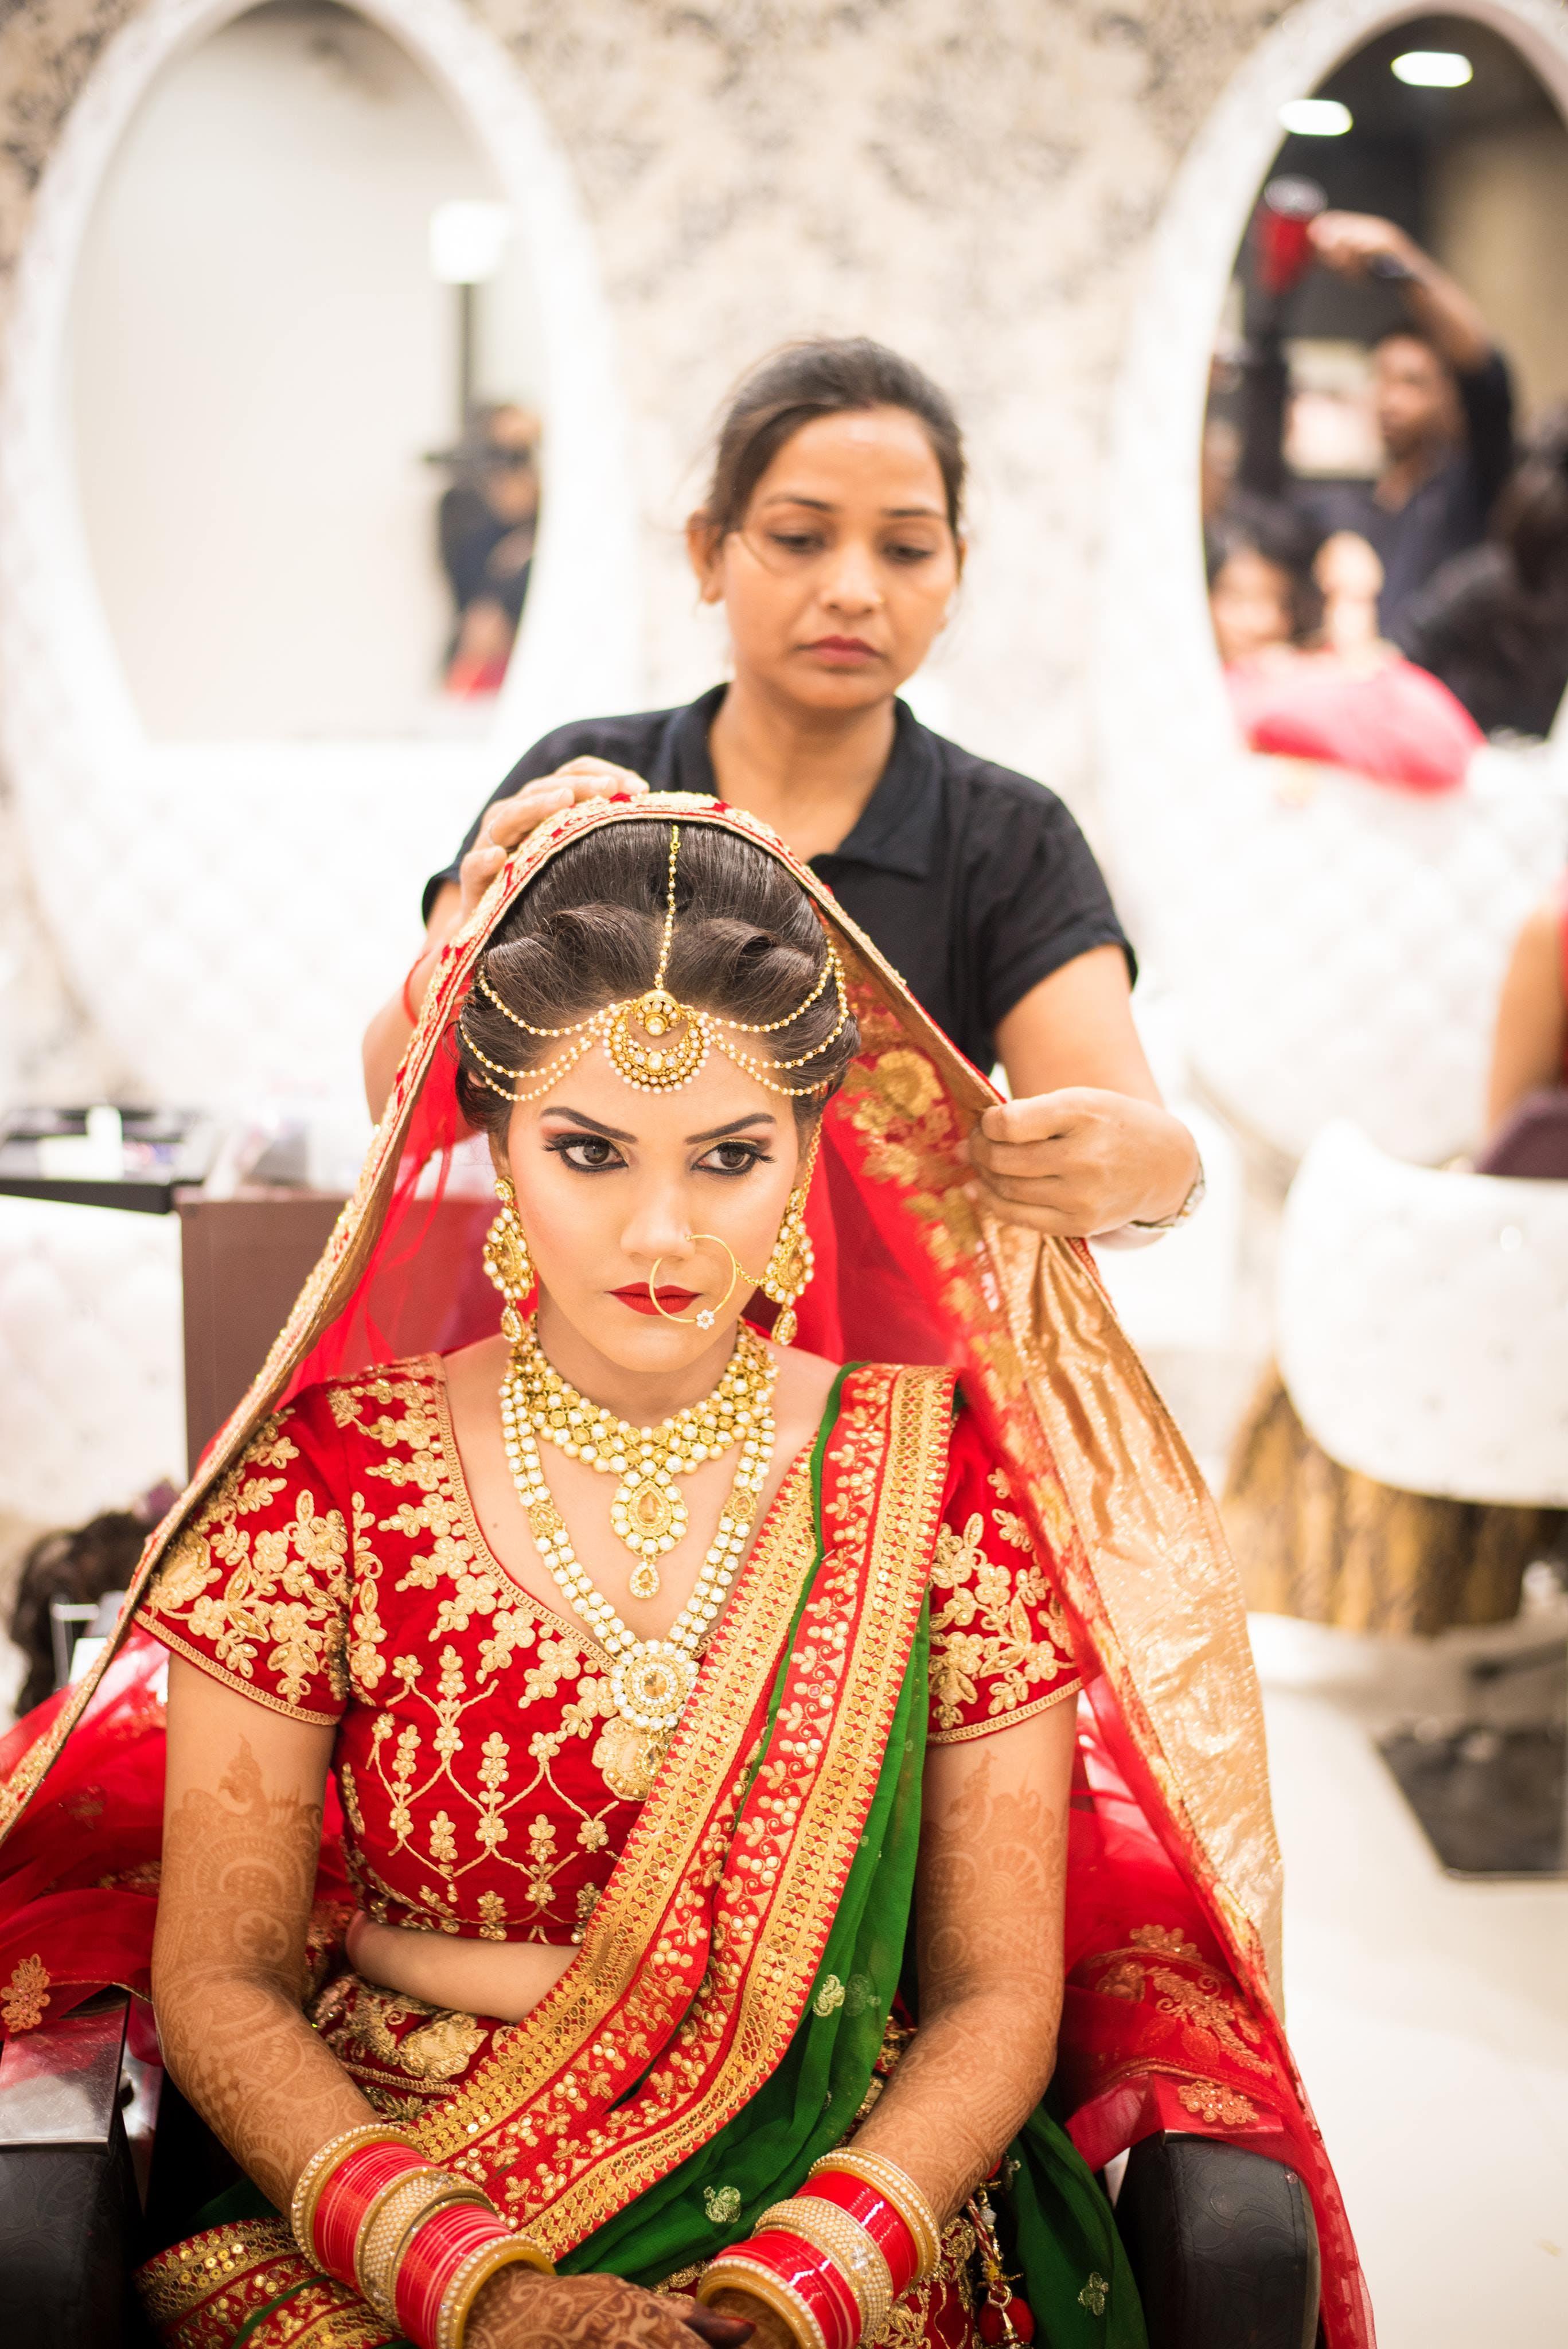 Δωρεάν στοκ φωτογραφιών με Άνθρωποι, βέλο, γαμήλια τελετή, γιορτή